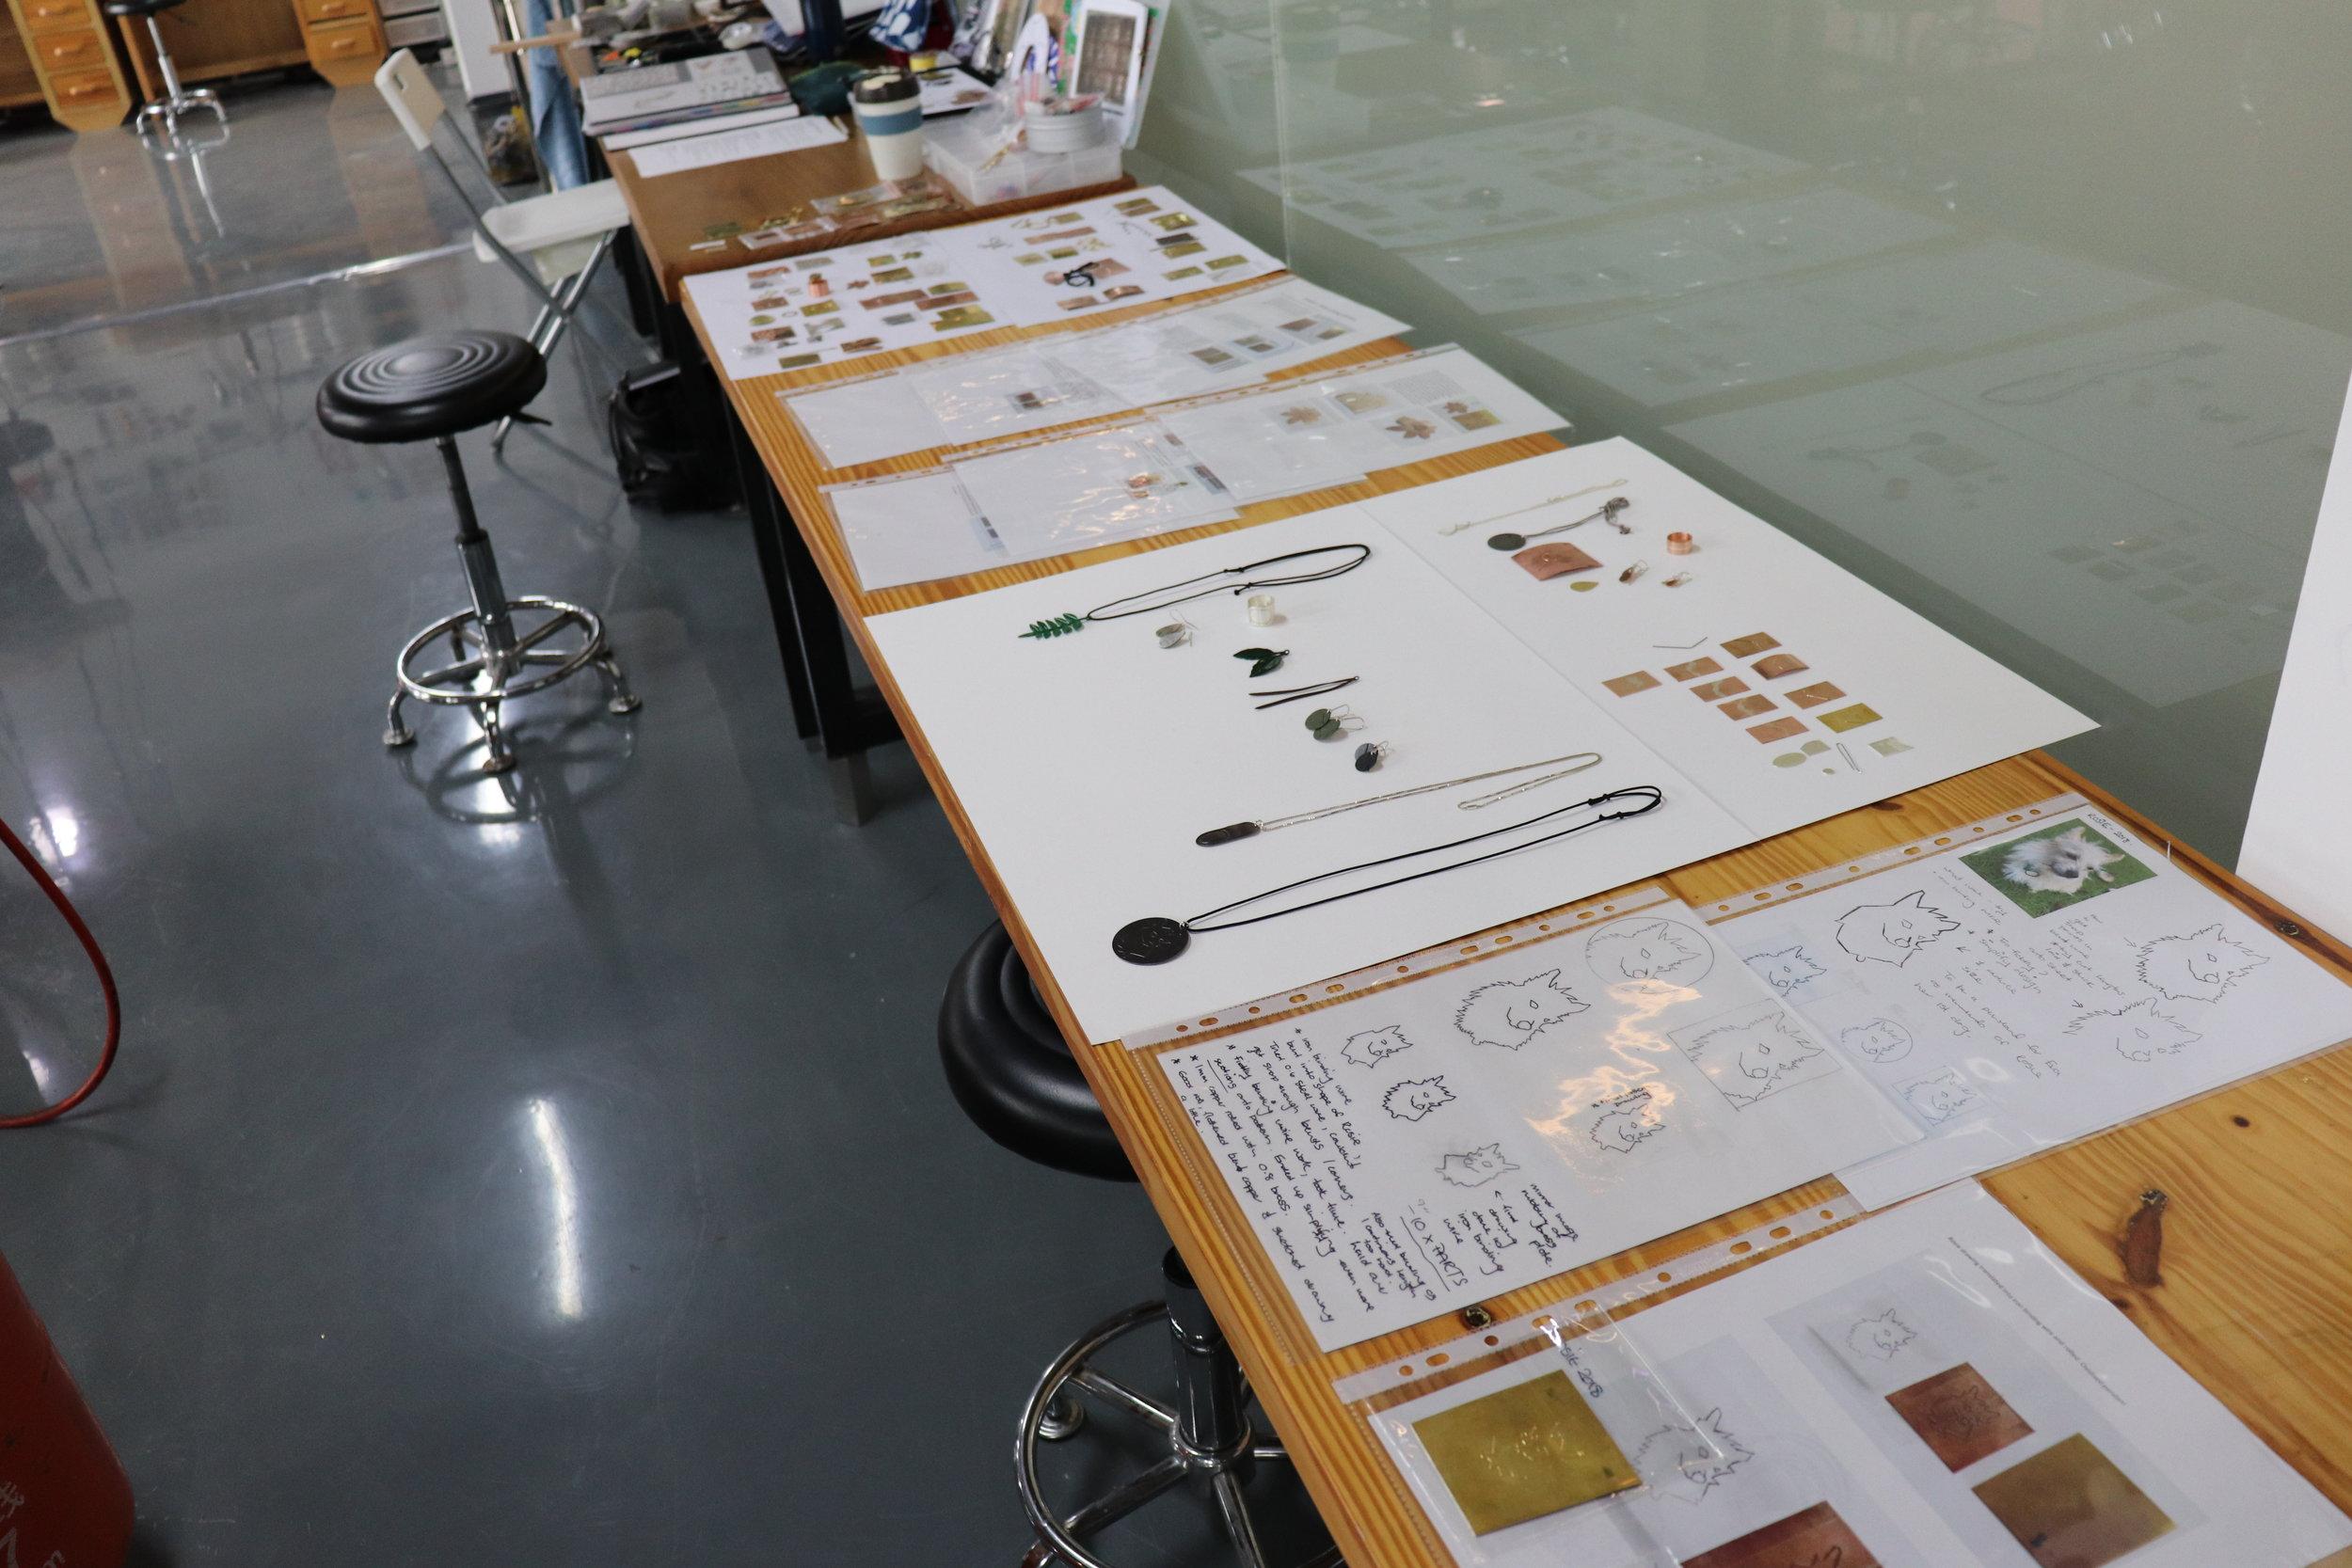 Samples and experiments displayed as part of Vicki Masons workshop  Photograph Vicki Mason